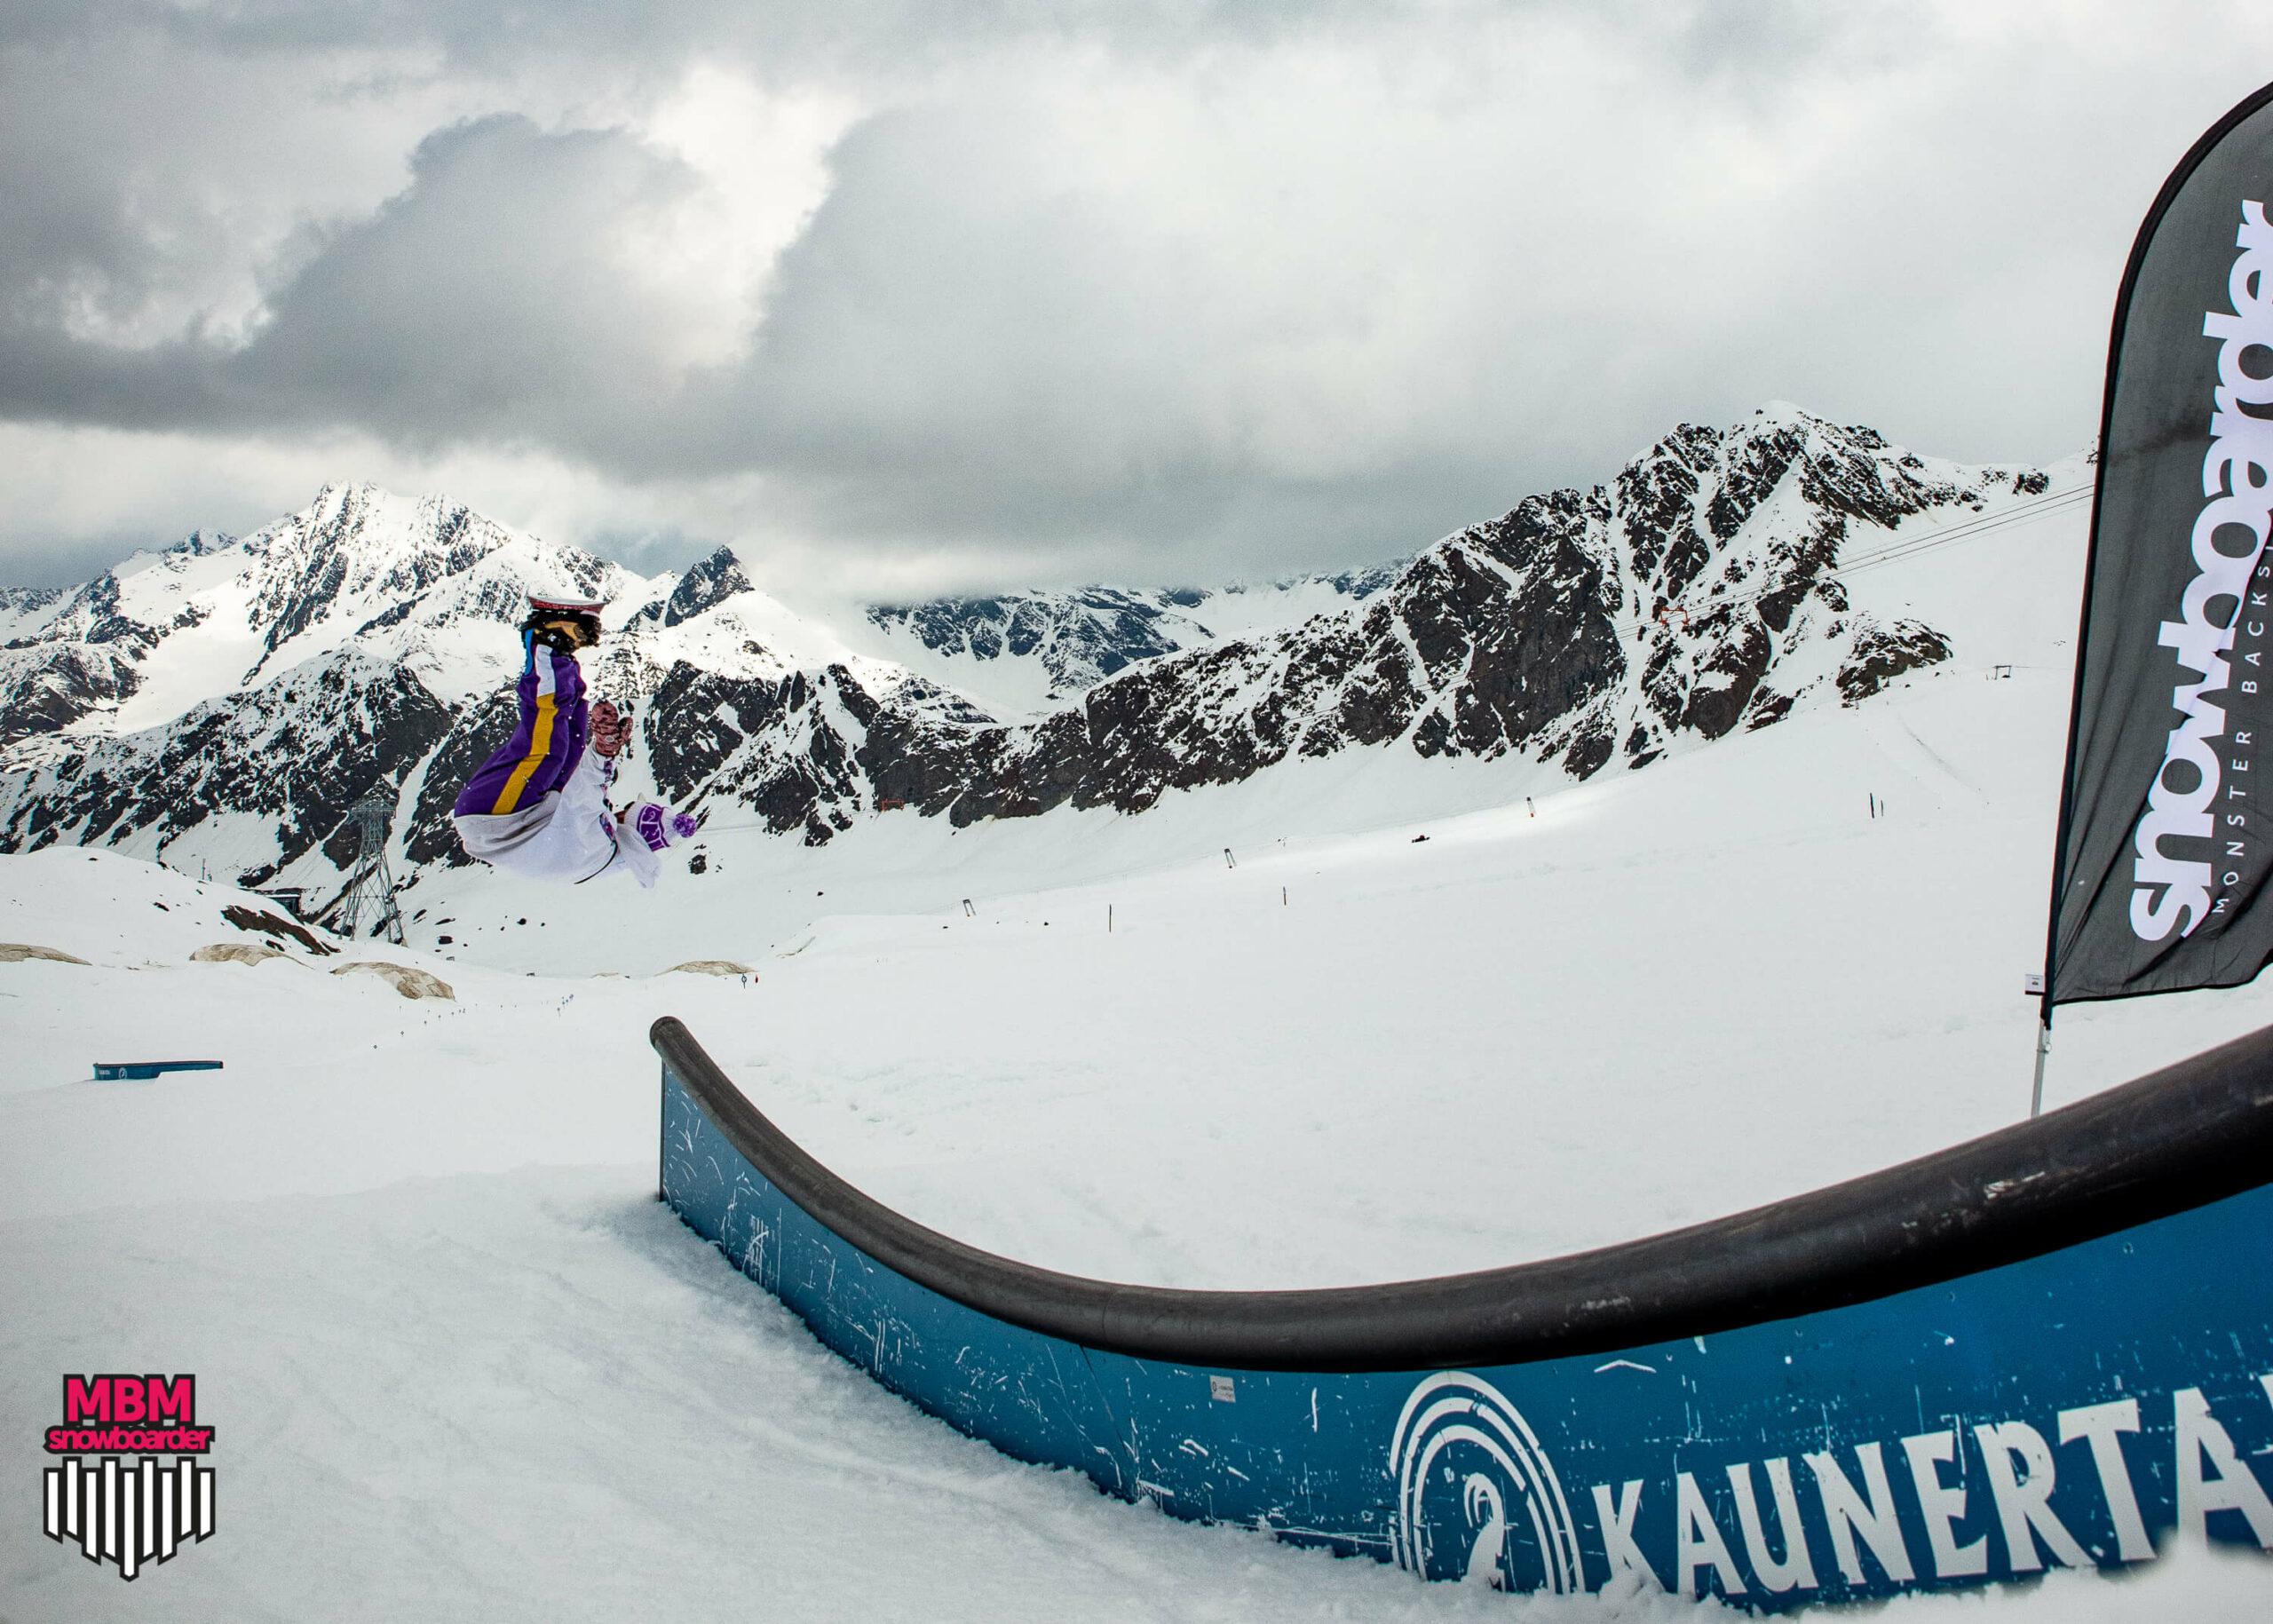 snowboarderMBM_sd_kaunertal_134